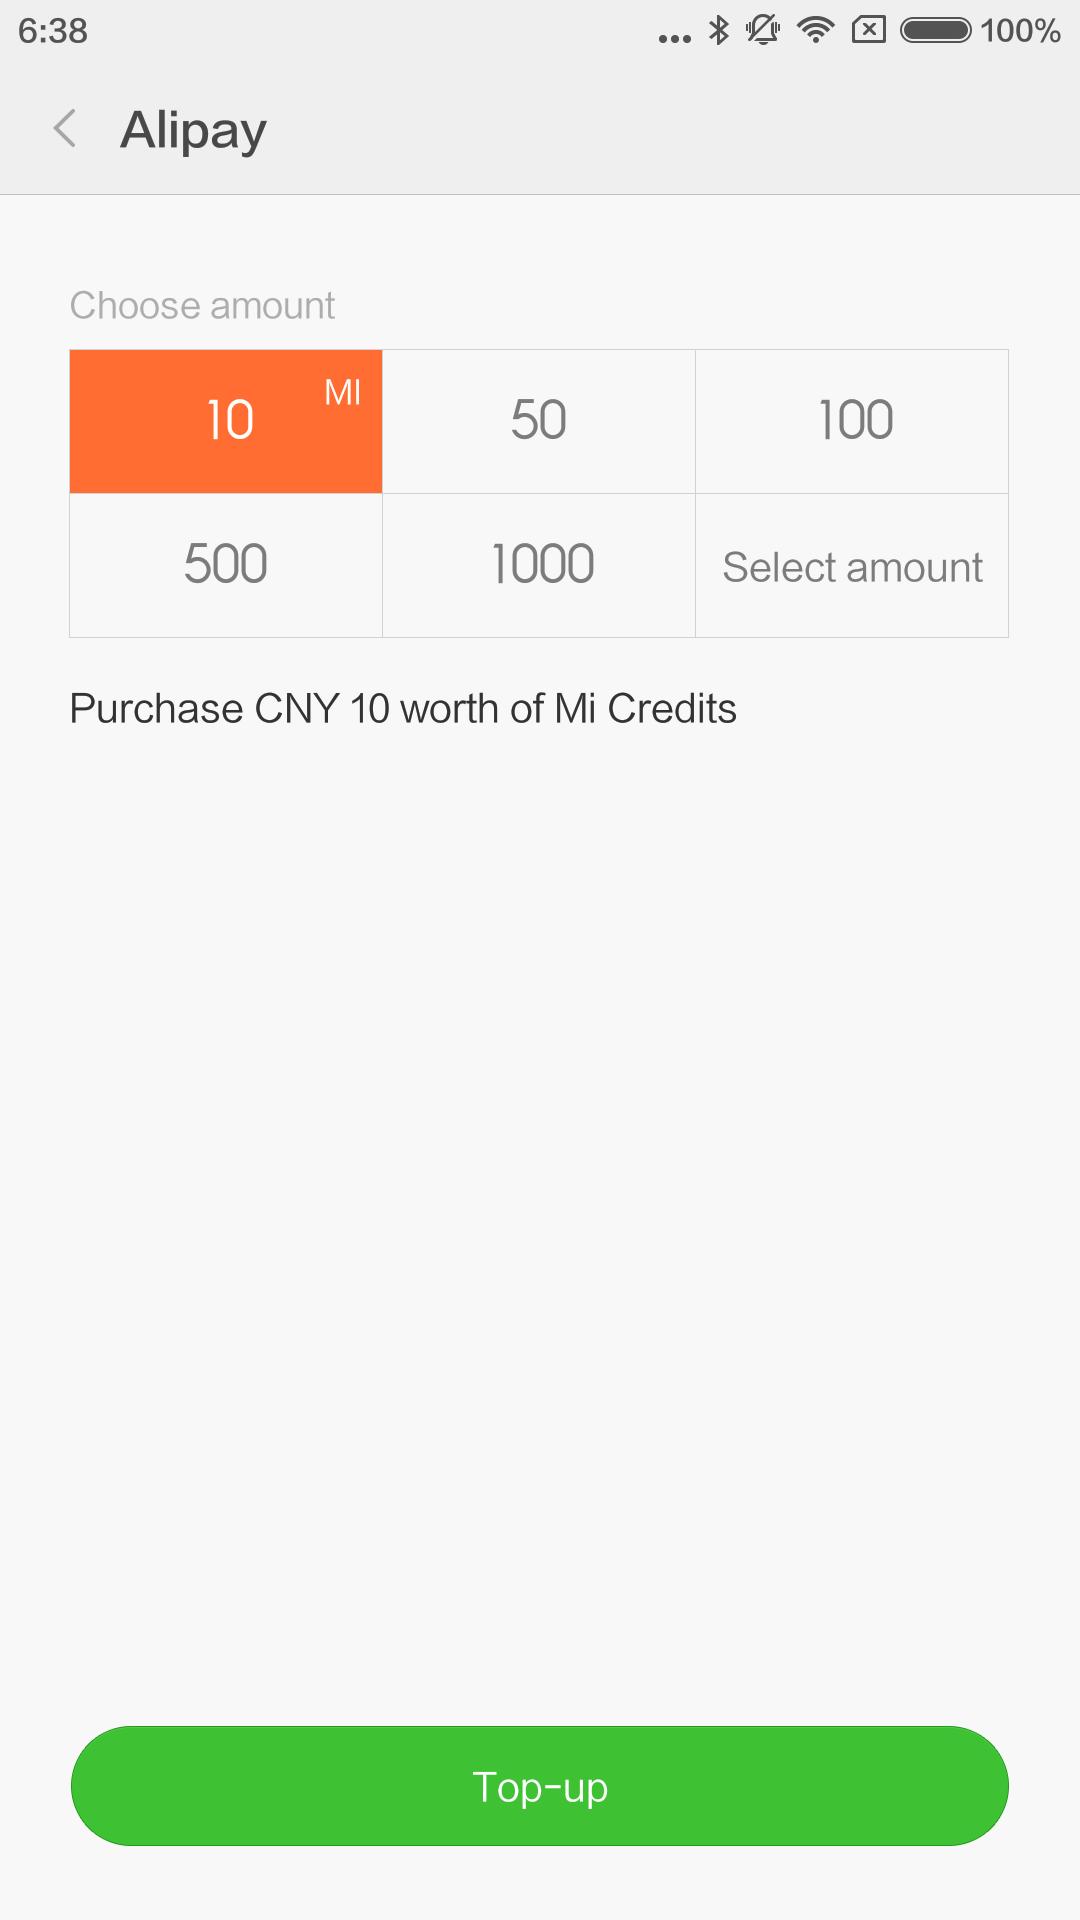 試しに10Mi Credits買ってみる